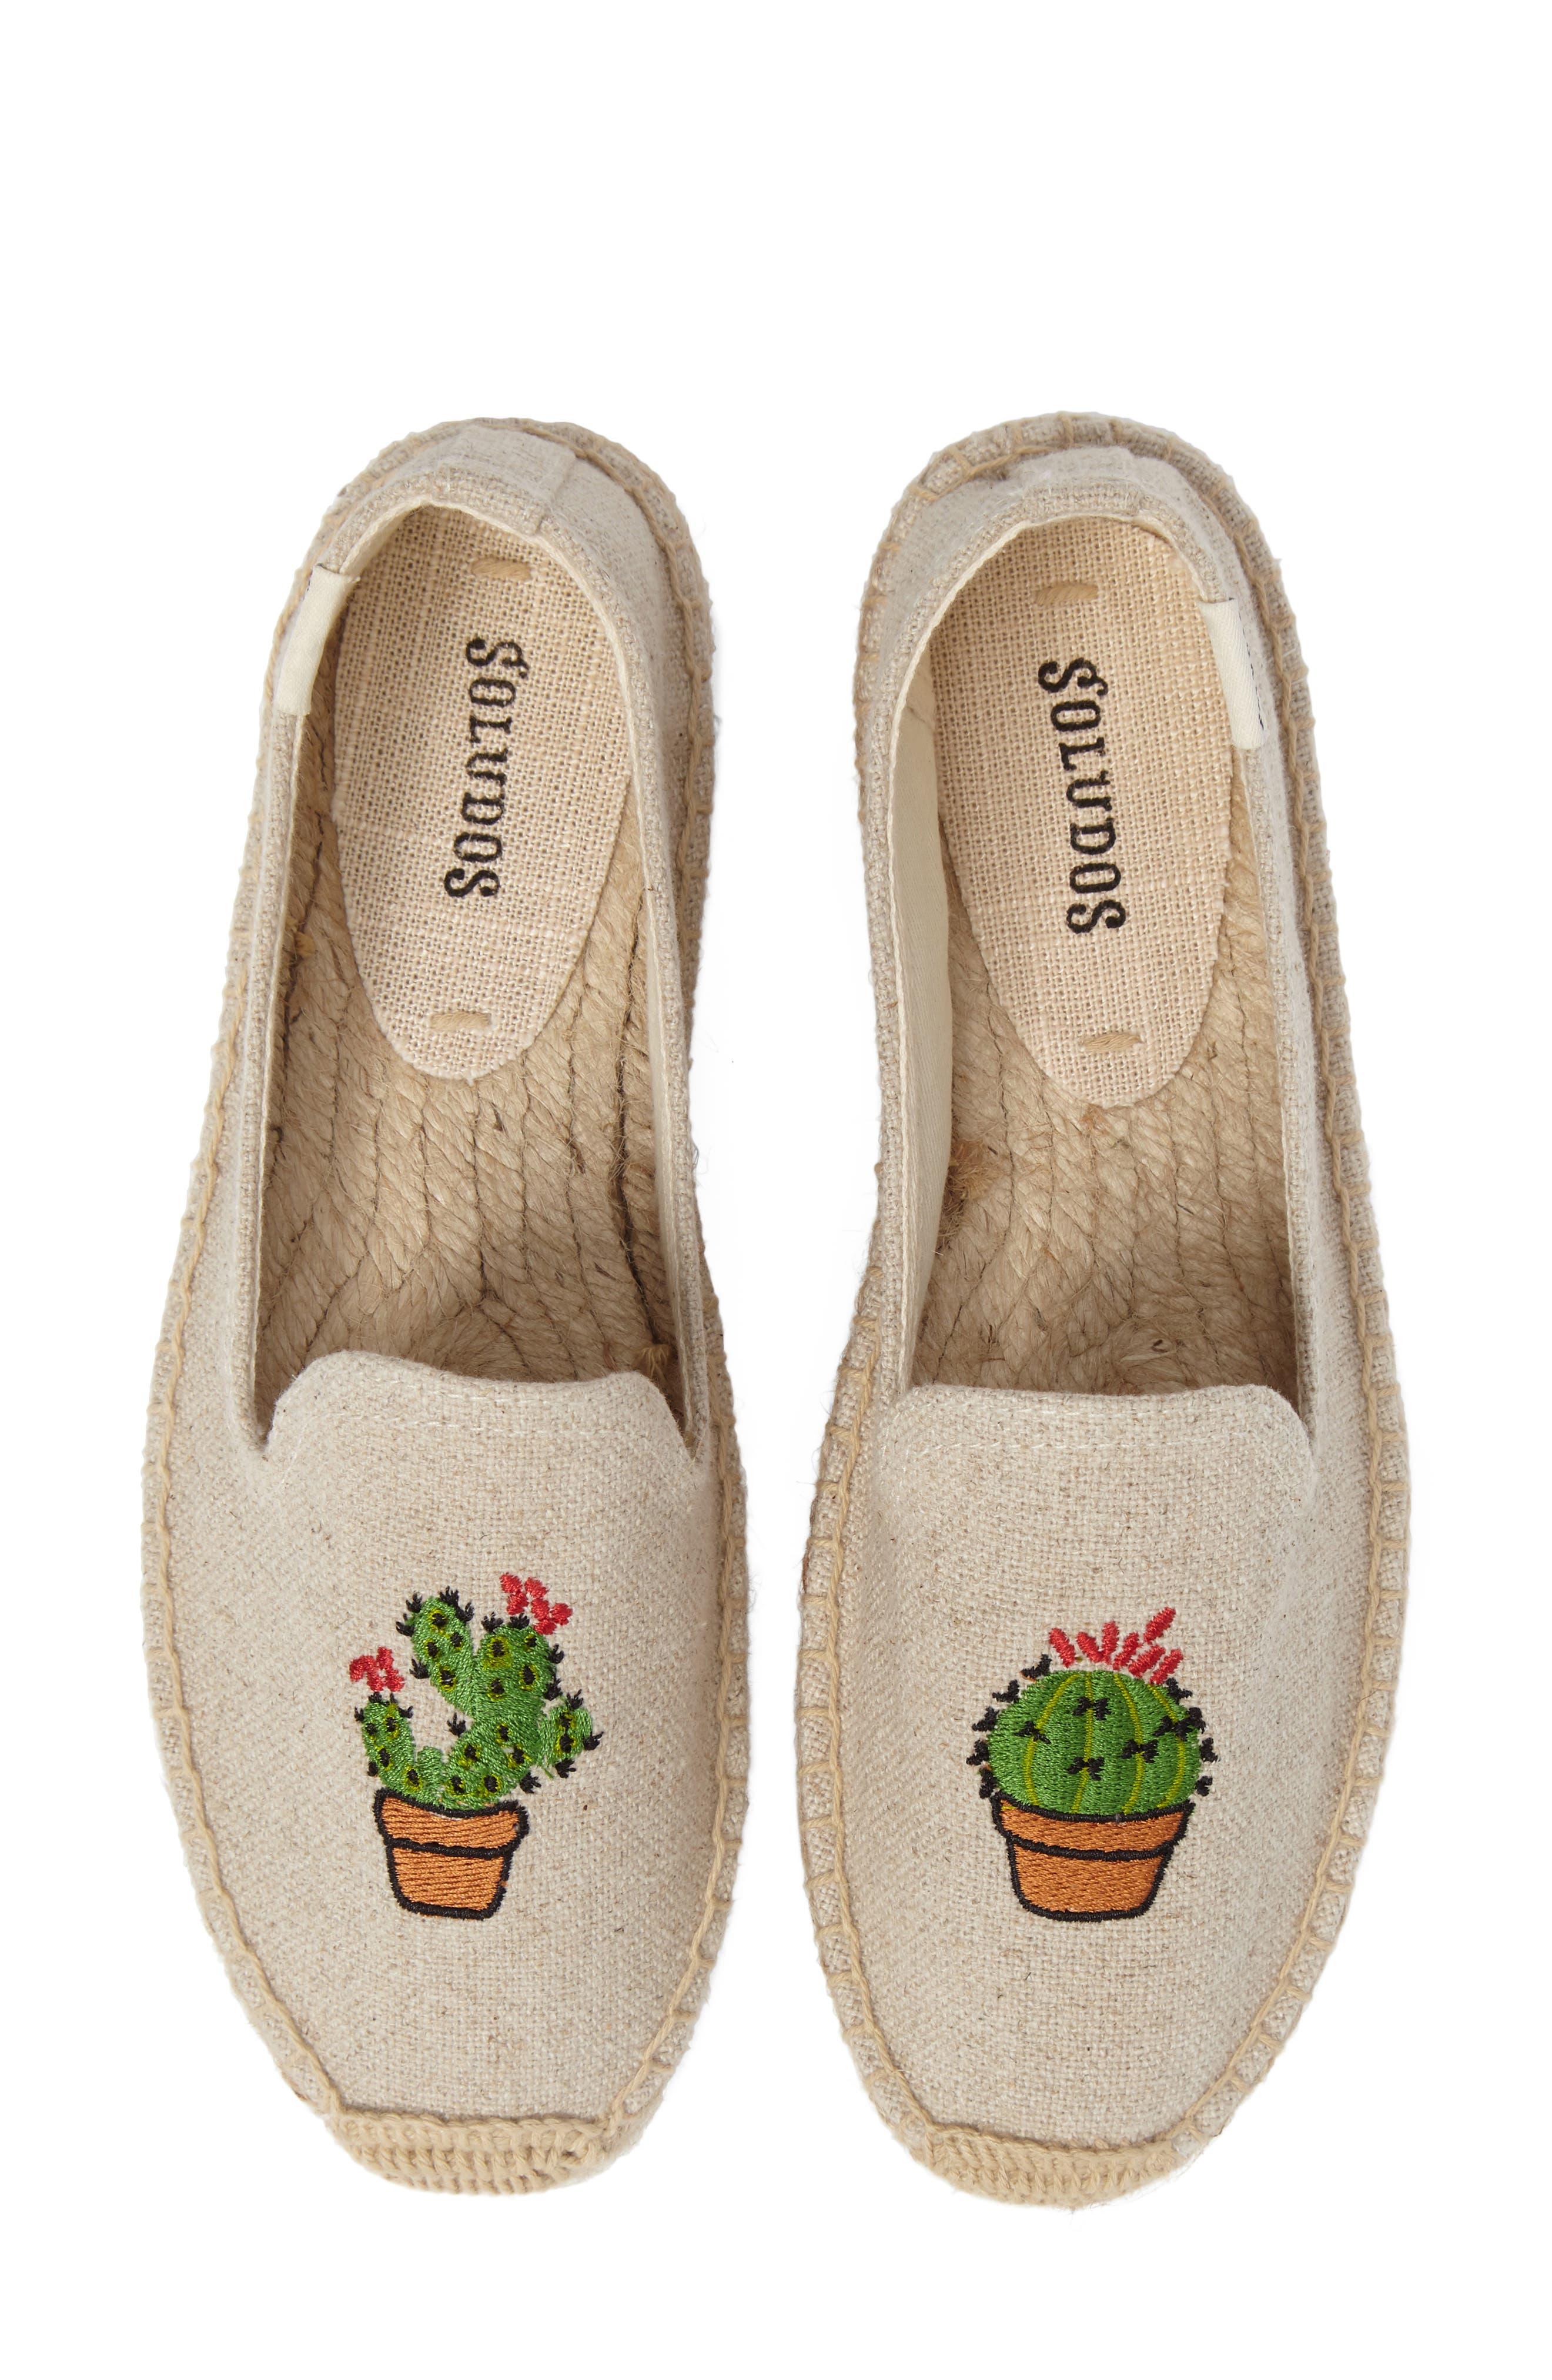 Soludus Cactus Platform Espadrille (Women)